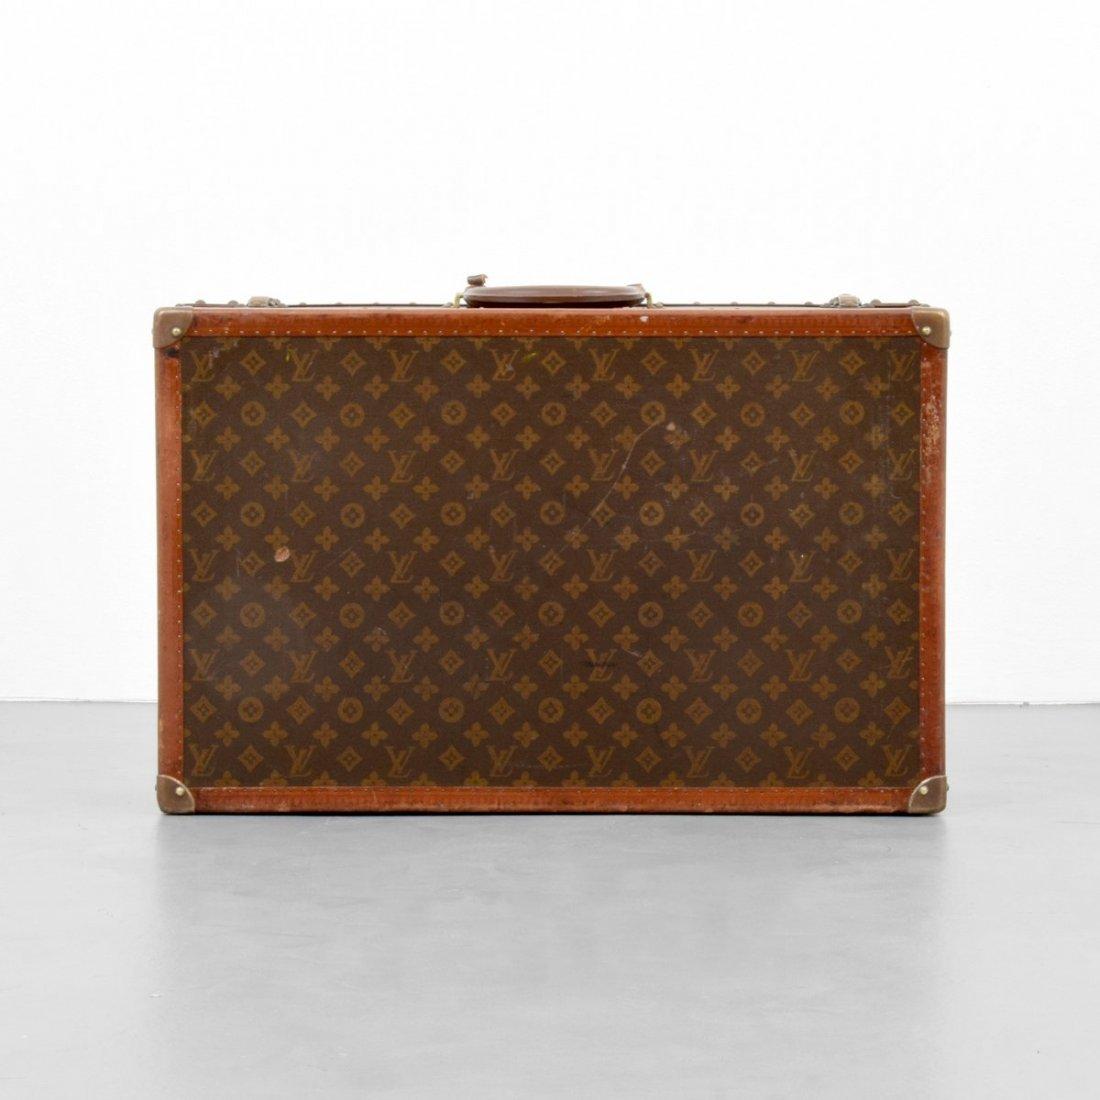 Louis Vuitton Monogrammed Suitcase - 2